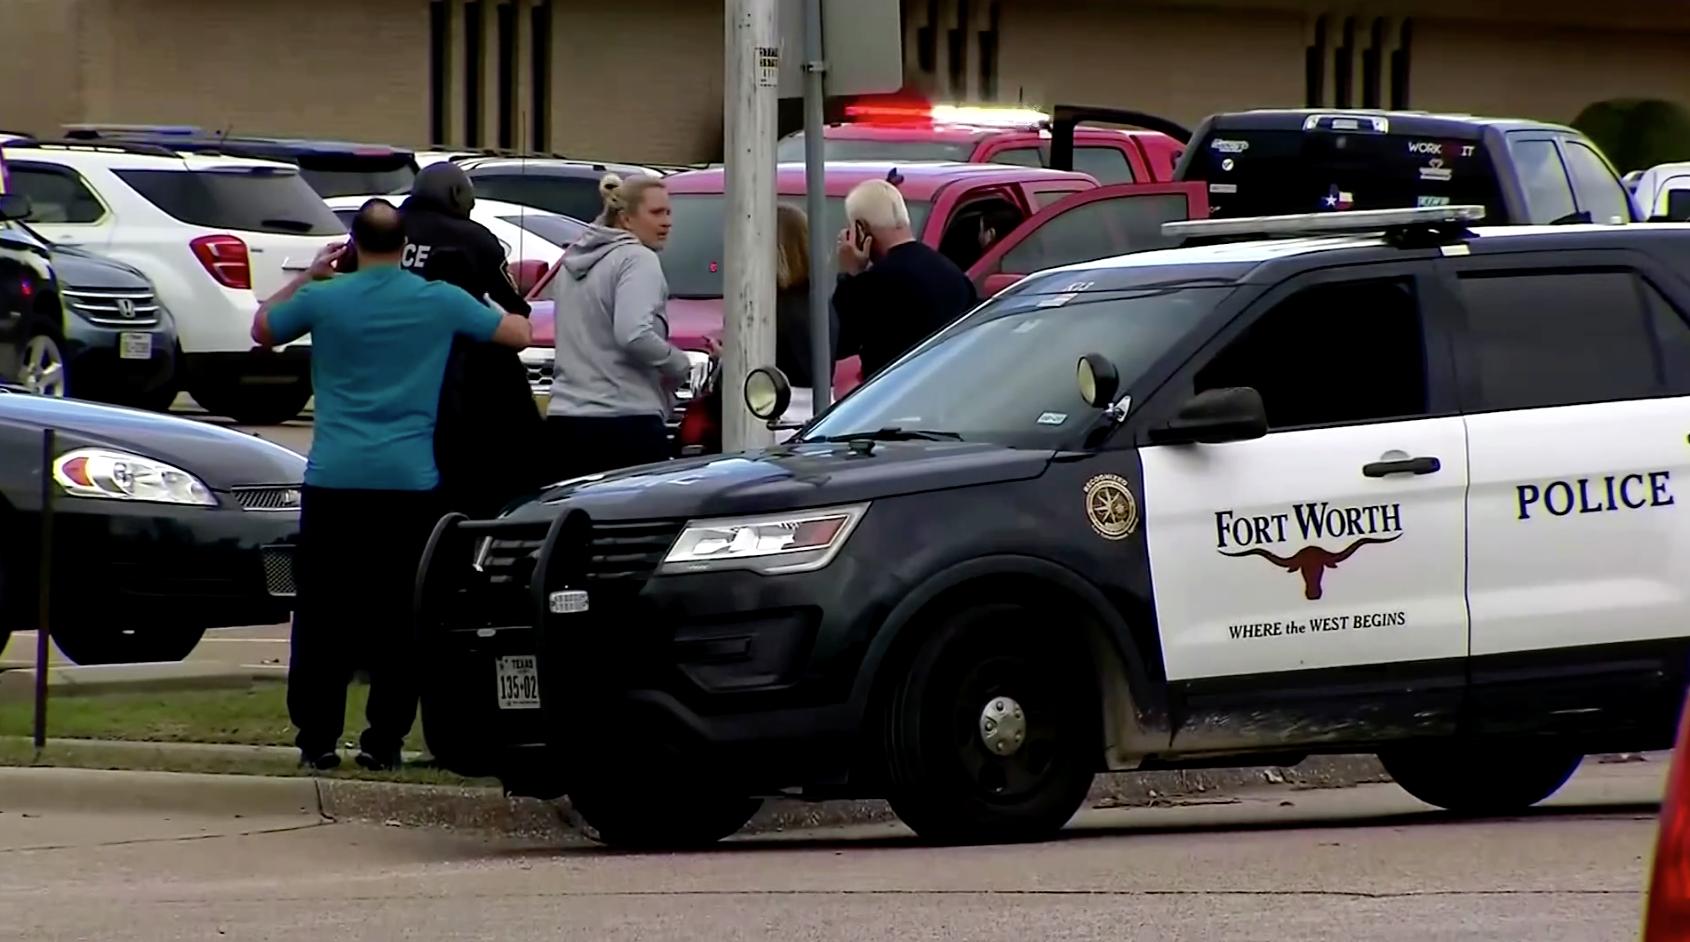 Taysúng là một trong hai người chết trong vụ tấn công trong nhà thờ ở Texas